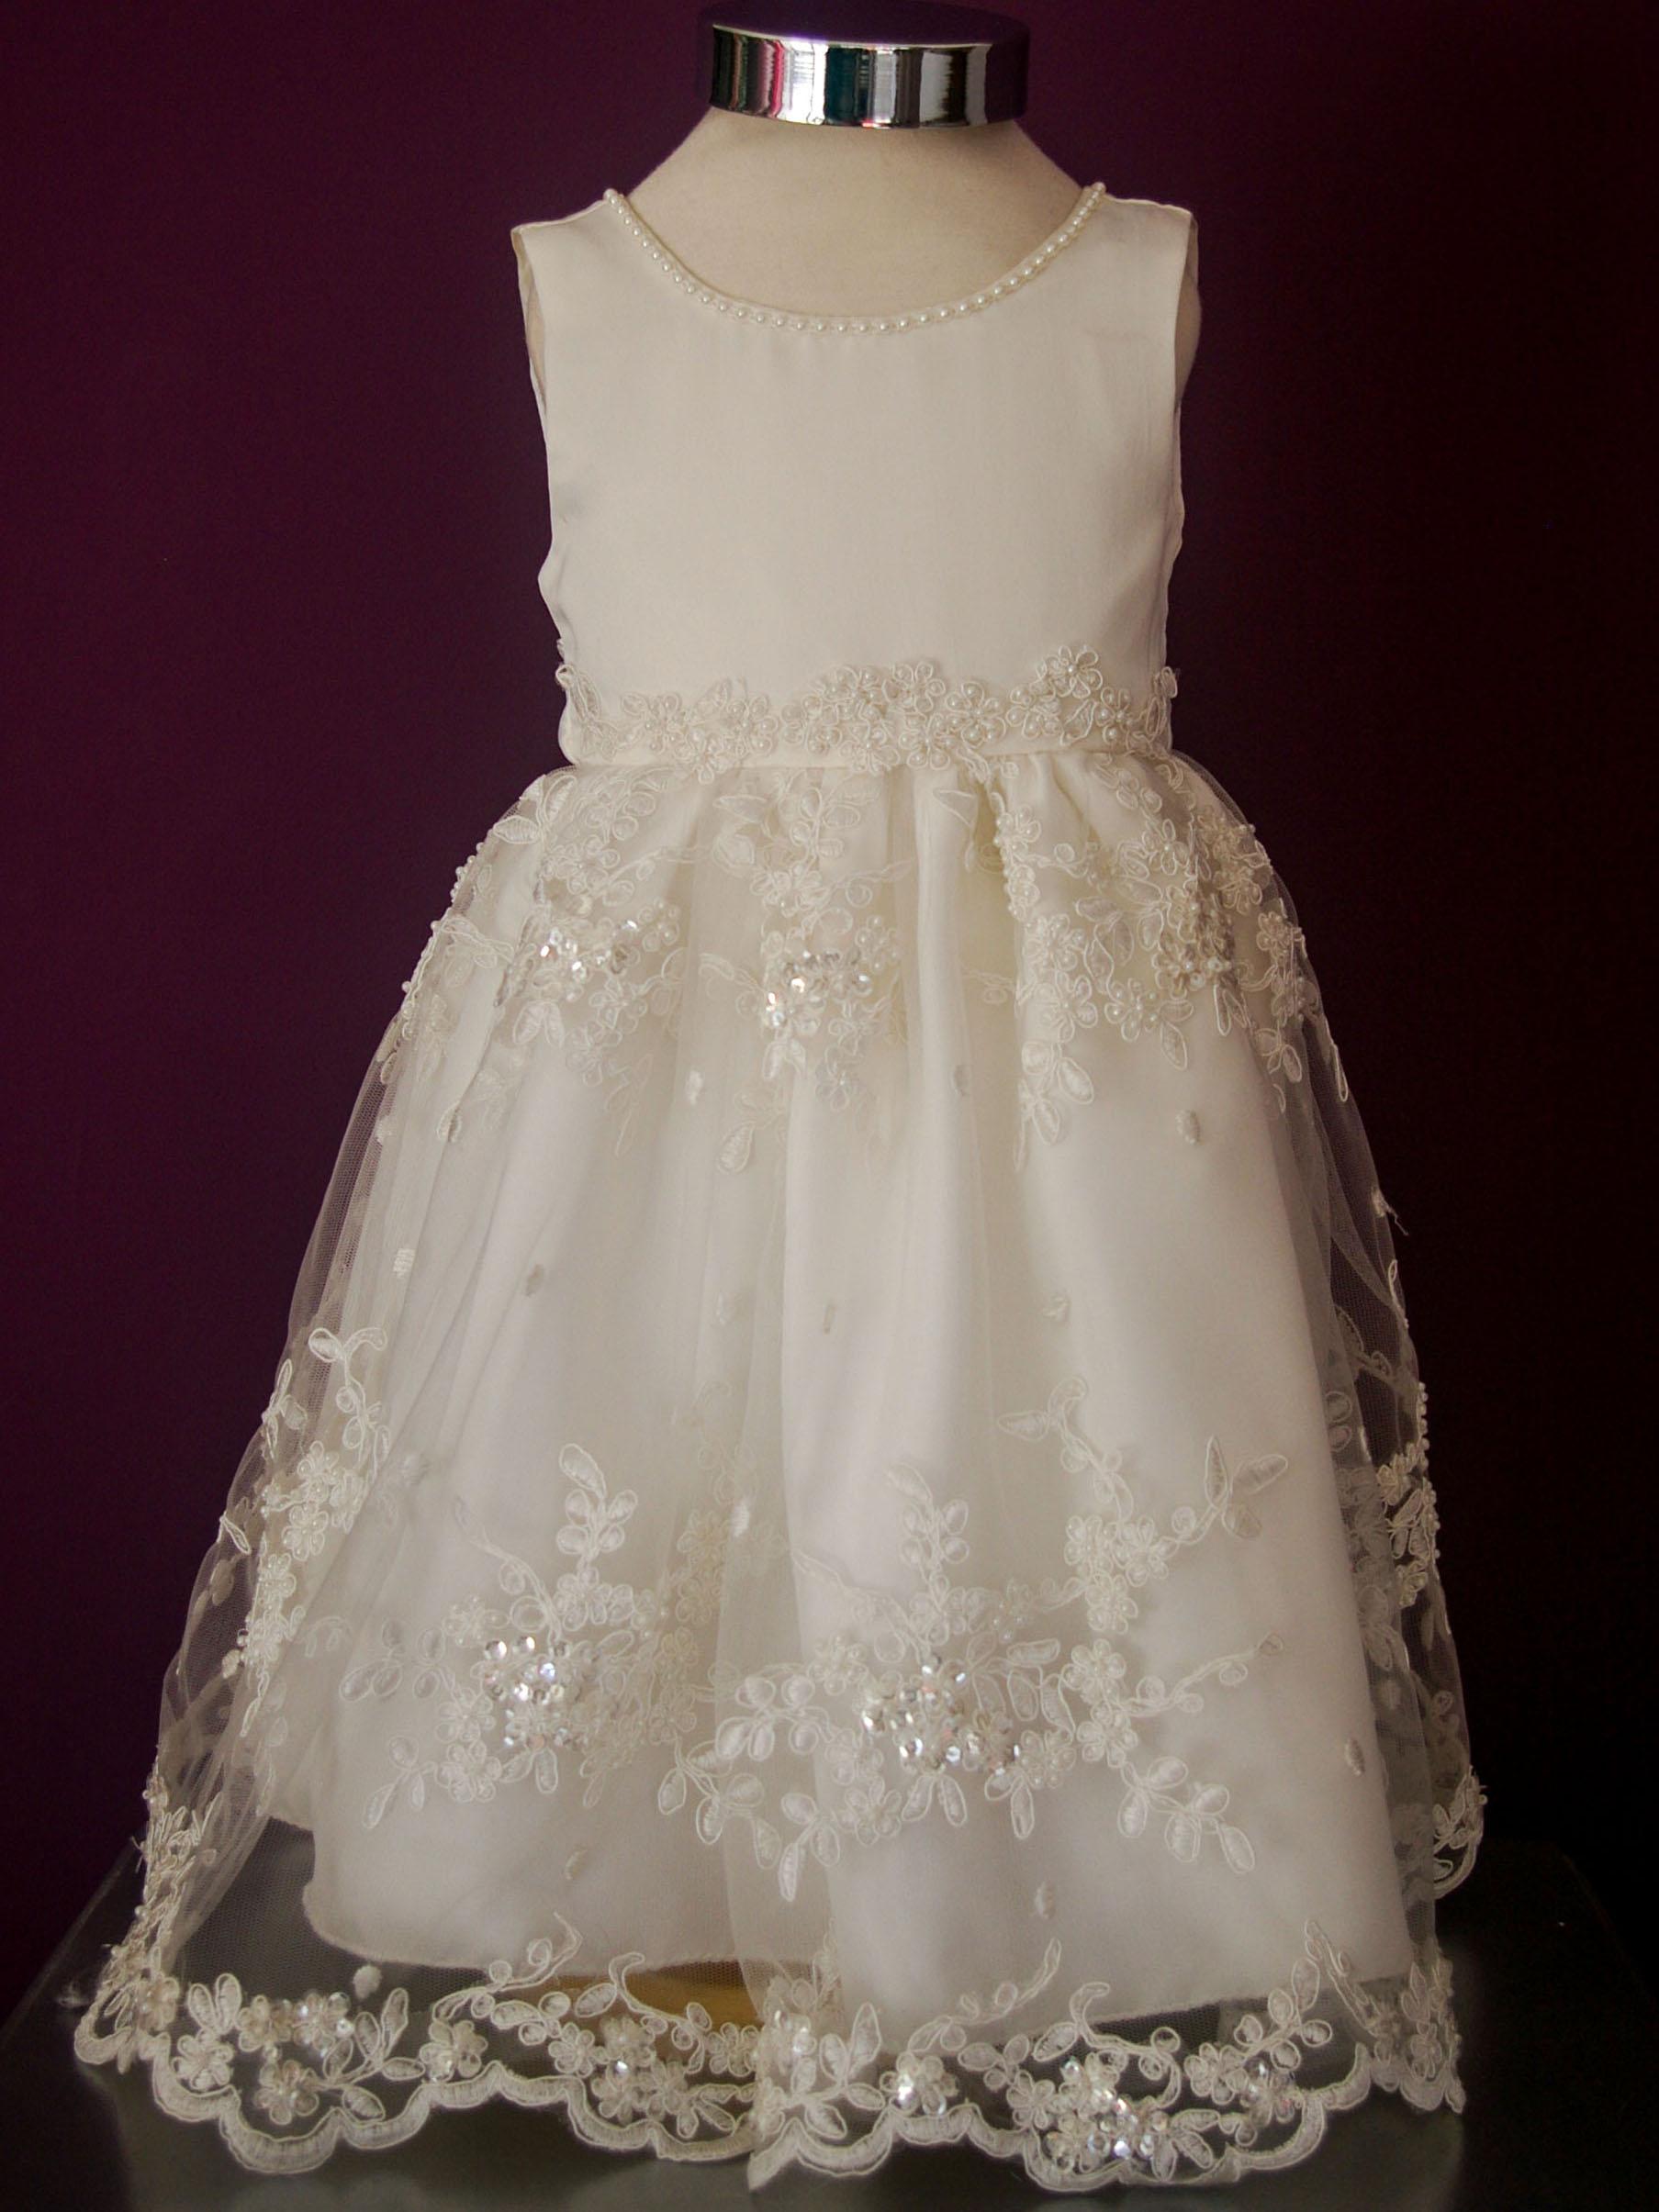 1dad1f934 Diseño Victoria - Vestido de niña corte princesa con cuerpo de raso bocelli  y detalles manuales de perlas. Falda de tul bordado a mano.